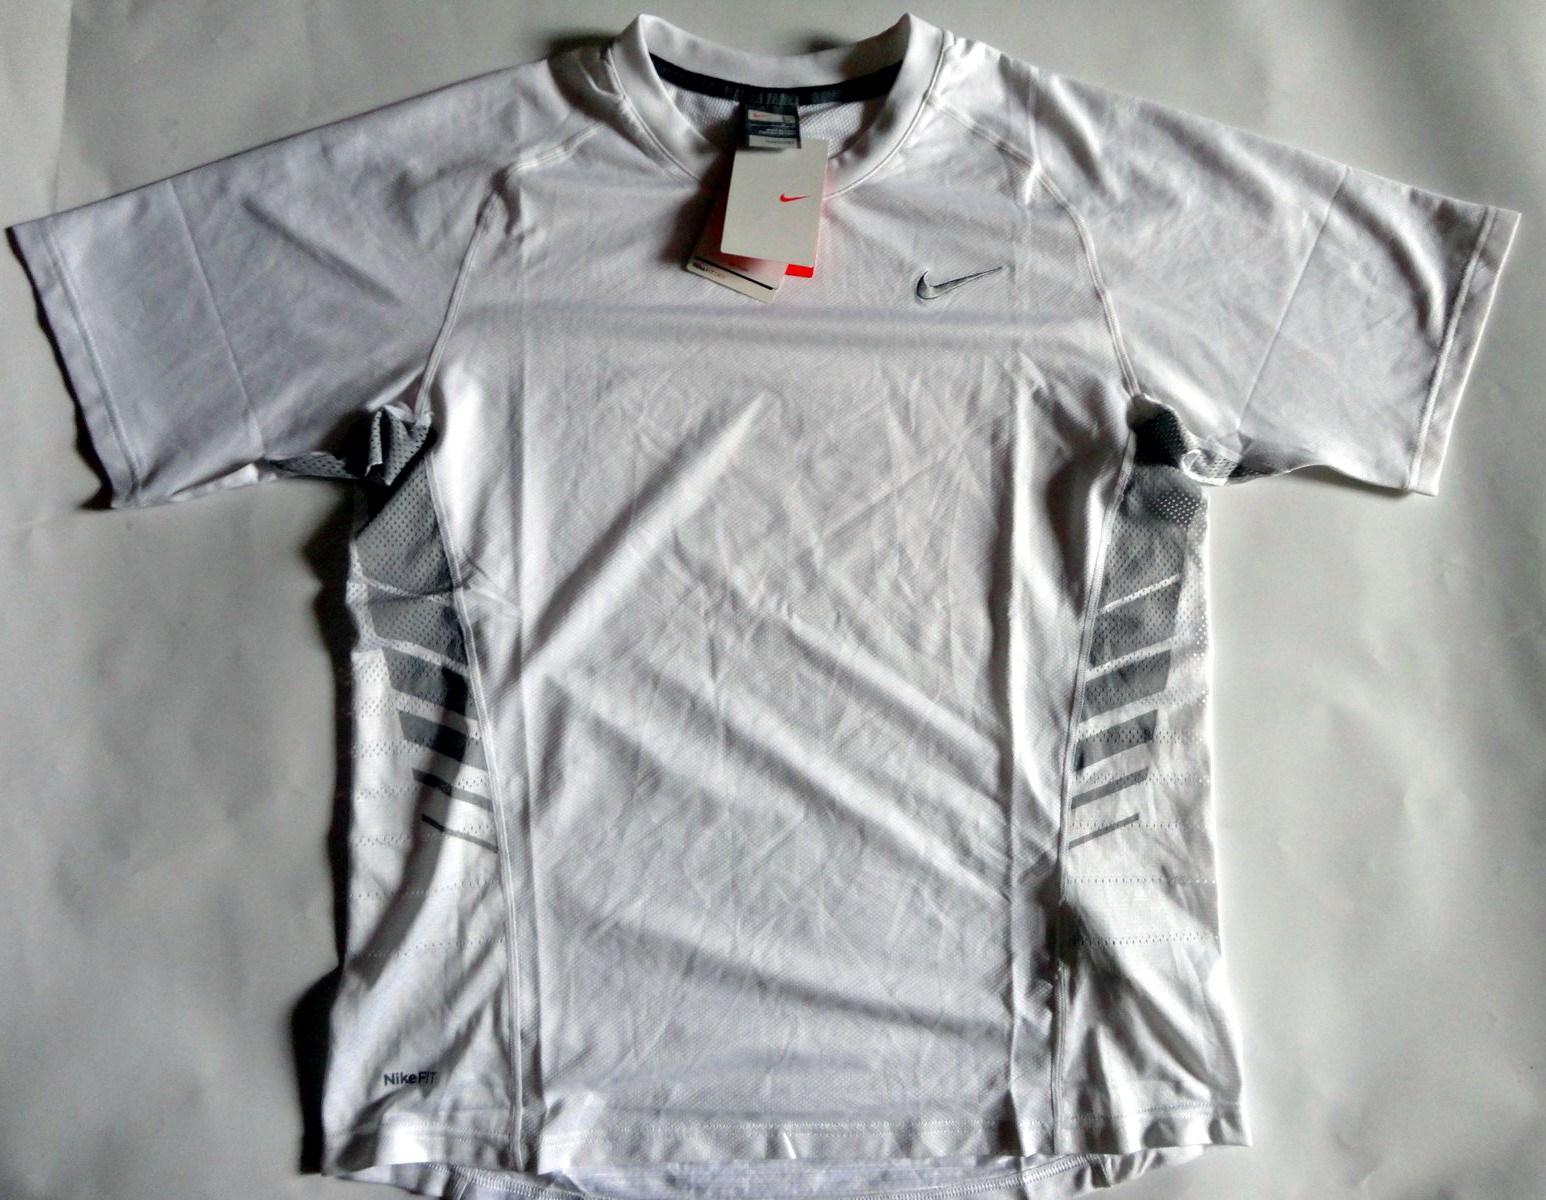 Спортивная футболка Nike 334911/100 TRAINNING 334911